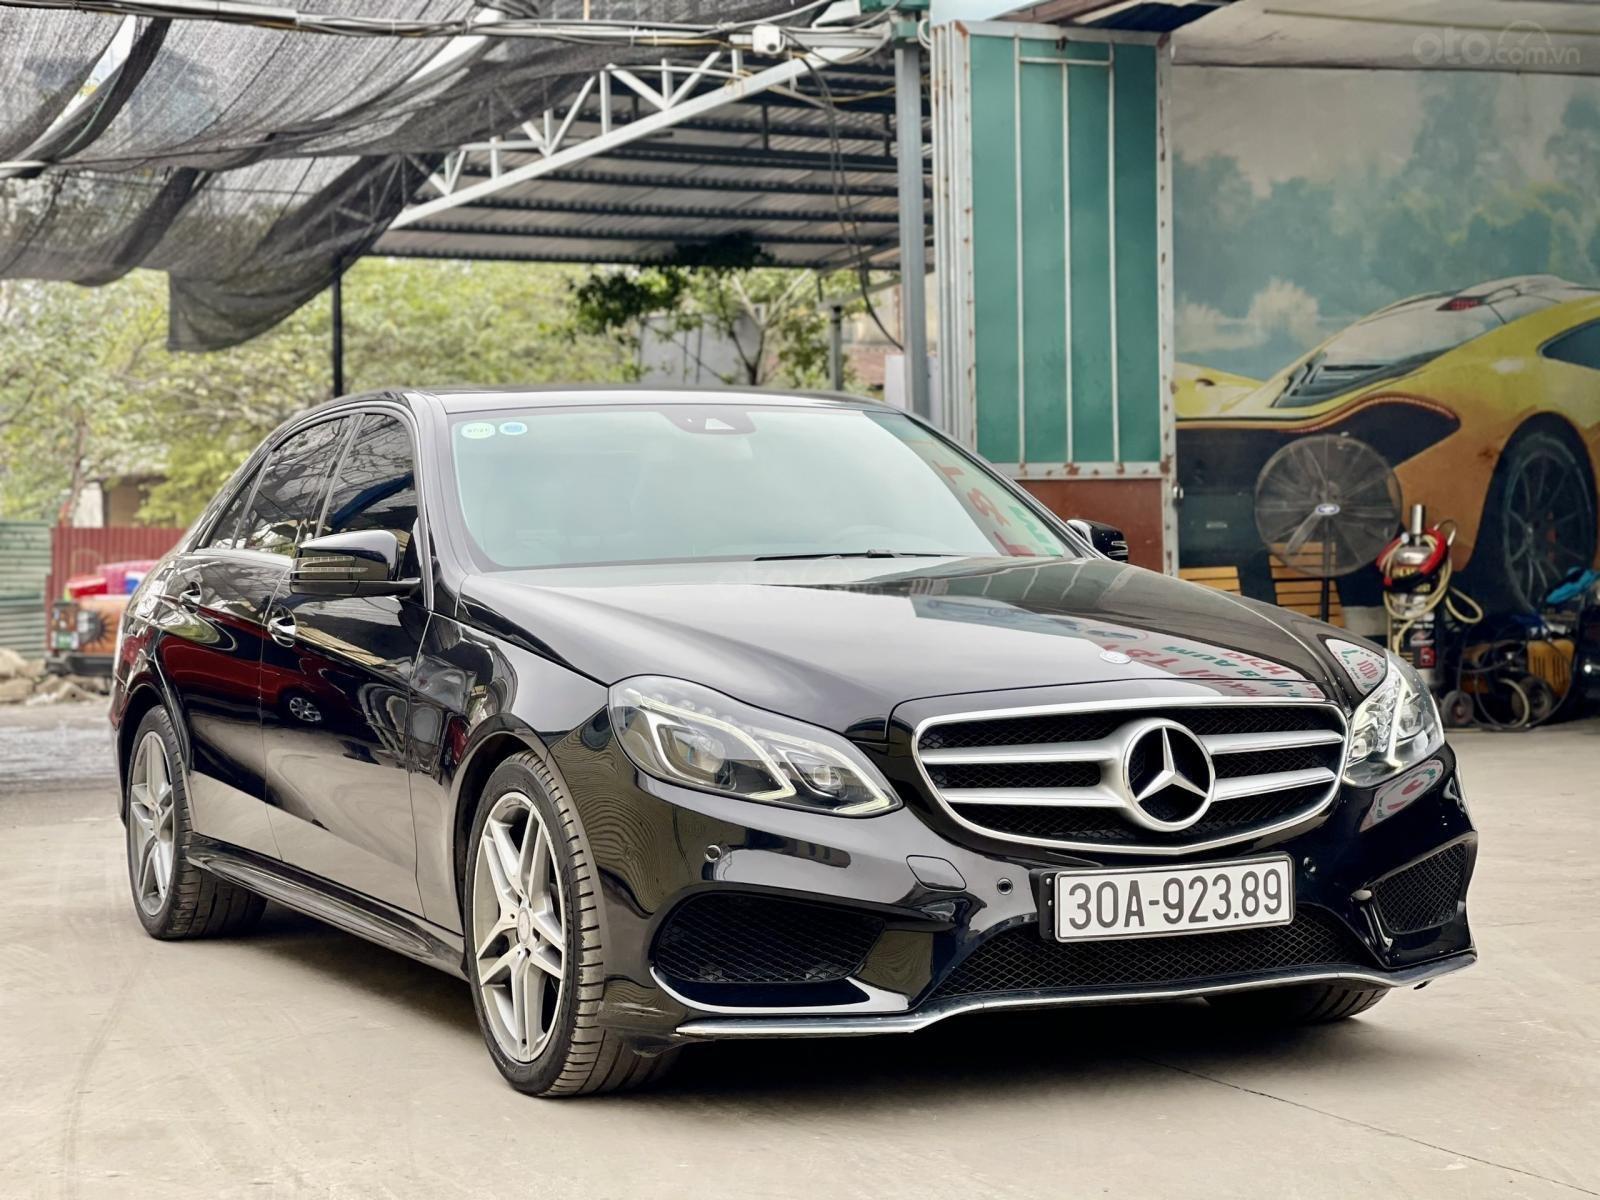 Siêu phẩm Mercedes E250 AMG đi giữ gìn 1 chủ từ đầu (11)